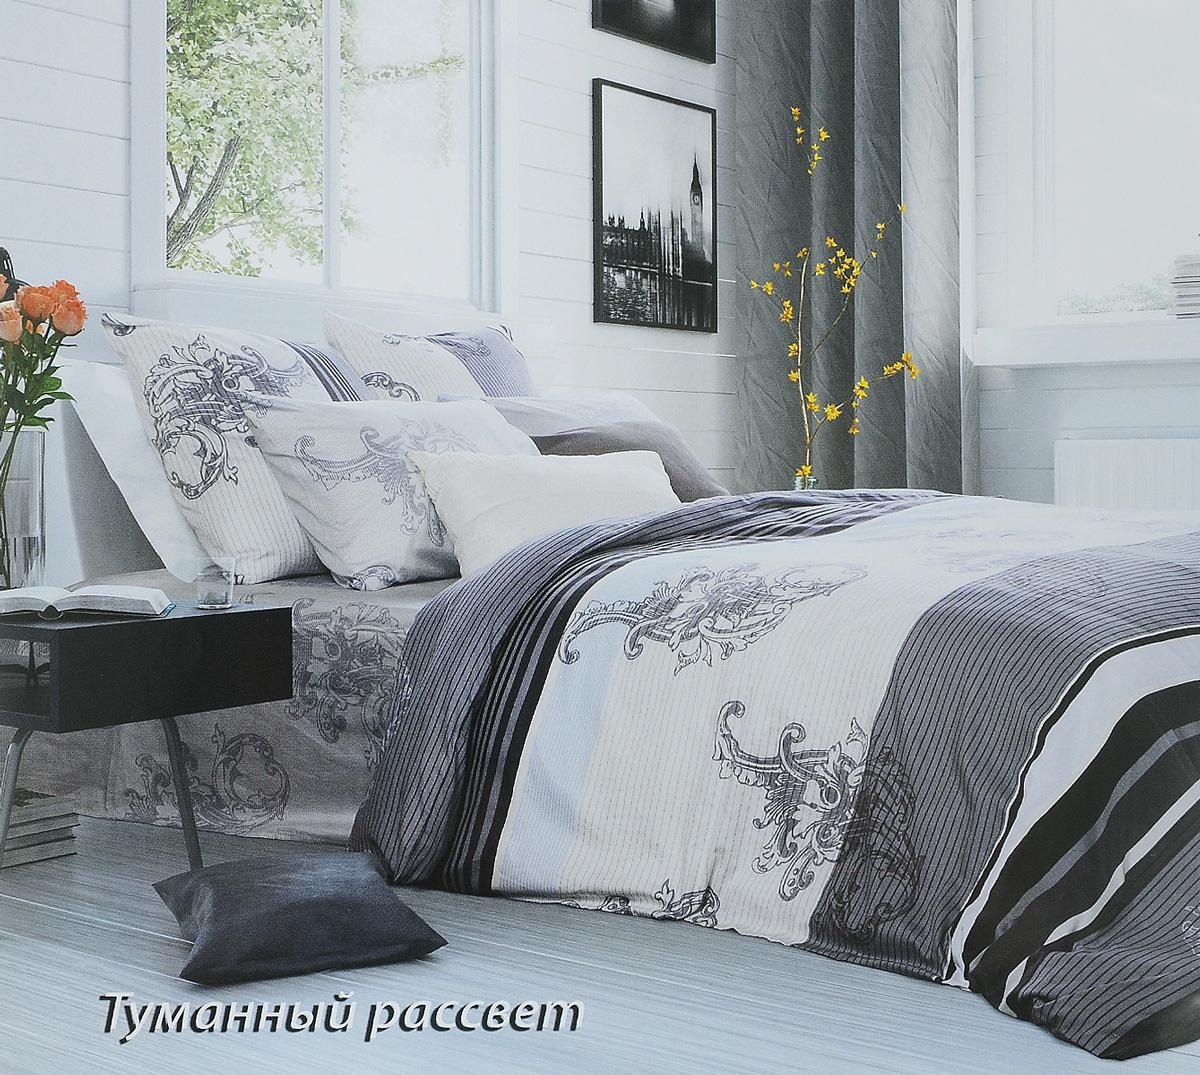 Комплект белья Tiffanys Secret Туманный рассвет, 2-спальный, наволочки 70х70, цвет: серый, белый2040115971Комплект постельного белья Tiffanys Secret Туманный рассвет является экологически безопасным для всей семьи, так как выполнен из сатина (100% хлопок). Комплект состоит из пододеяльника, простыни и двух наволочек. Предметы комплекта оформлены оригинальным рисунком. Благодаря такому комплекту постельного белья вы сможете создать атмосферу уюта и комфорта в вашей спальне. Сатин - это ткань, навсегда покорившая сердца человечества. Ценившие роскошь персы называли ее атлас, а искушенные в прекрасном французы - сатин. Секрет высококачественного сатина в безупречности всего технологического процесса. Эту благородную ткань делают только из отборной натуральной пряжи, которую получают из самого лучшего тонковолокнистого хлопка. Благодаря использованию самой тонкой хлопковой нити получается необычайно мягкое и нежное полотно. Сатиновое постельное белье превращает жаркие летние ночи в прохладные и освежающие, а холодные зимние - в теплые и согревающие. ...